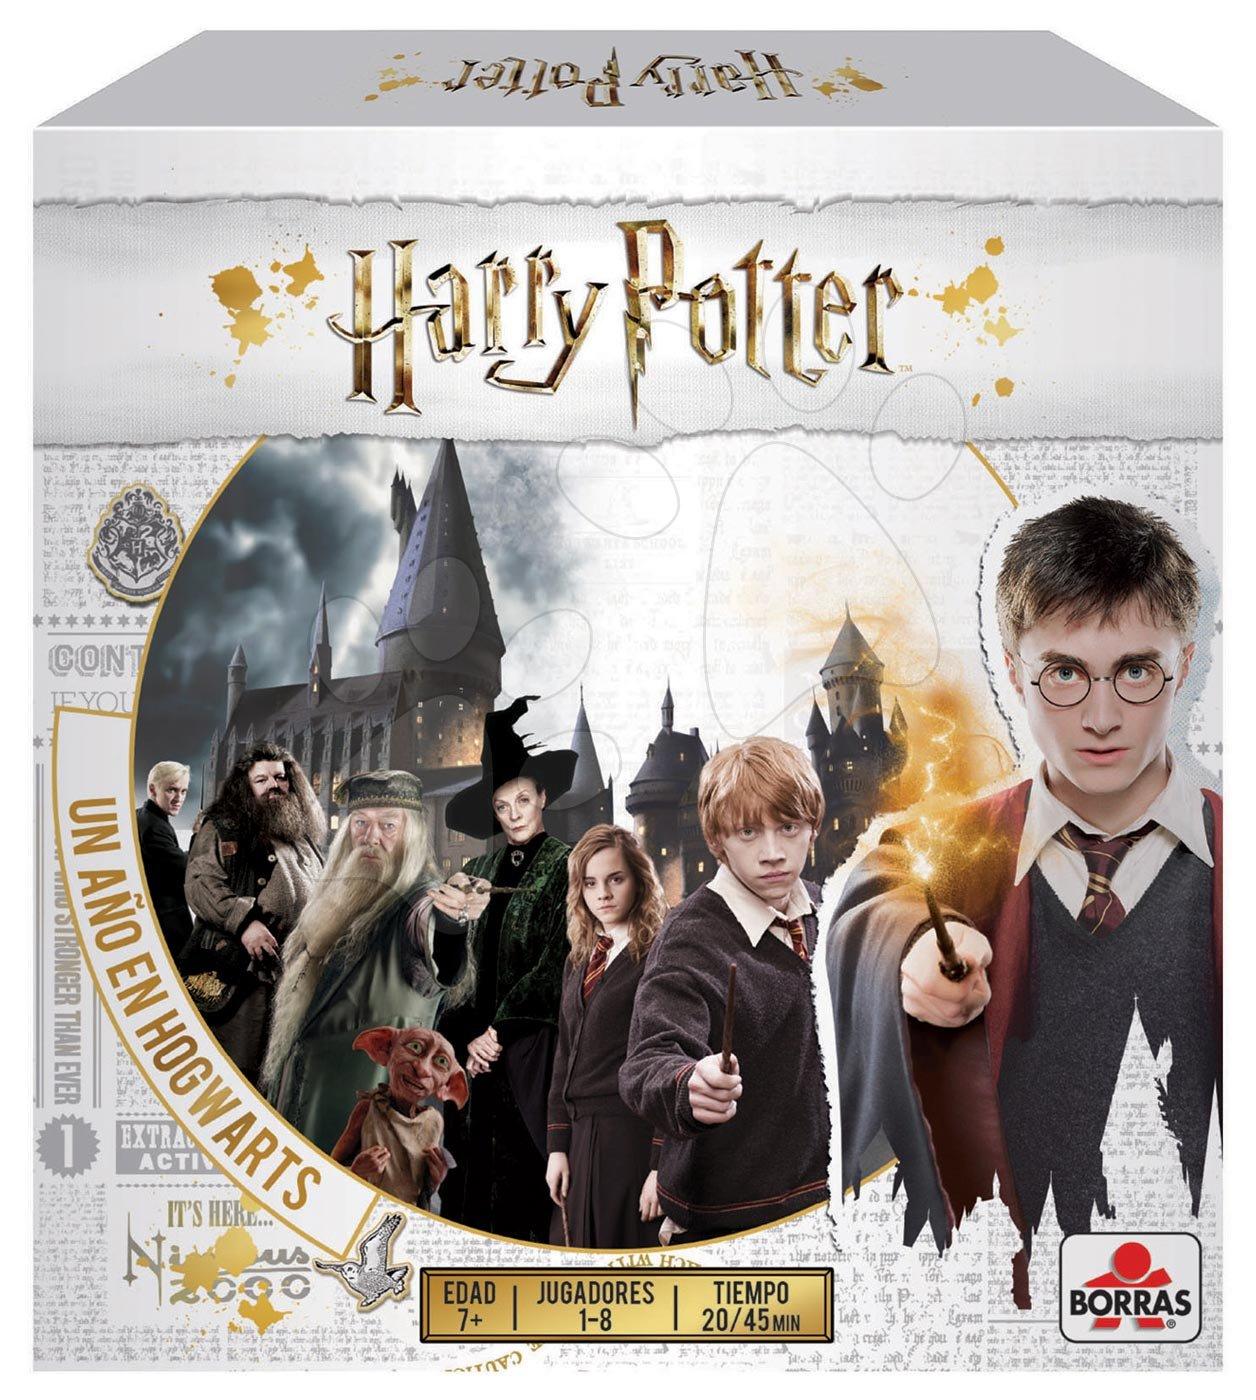 Cudzojazyčné spoločenské hry - Spoločenská hra Harry Potter Borras Educa pre 1-8 hráčov po španielsky od 7 rokov